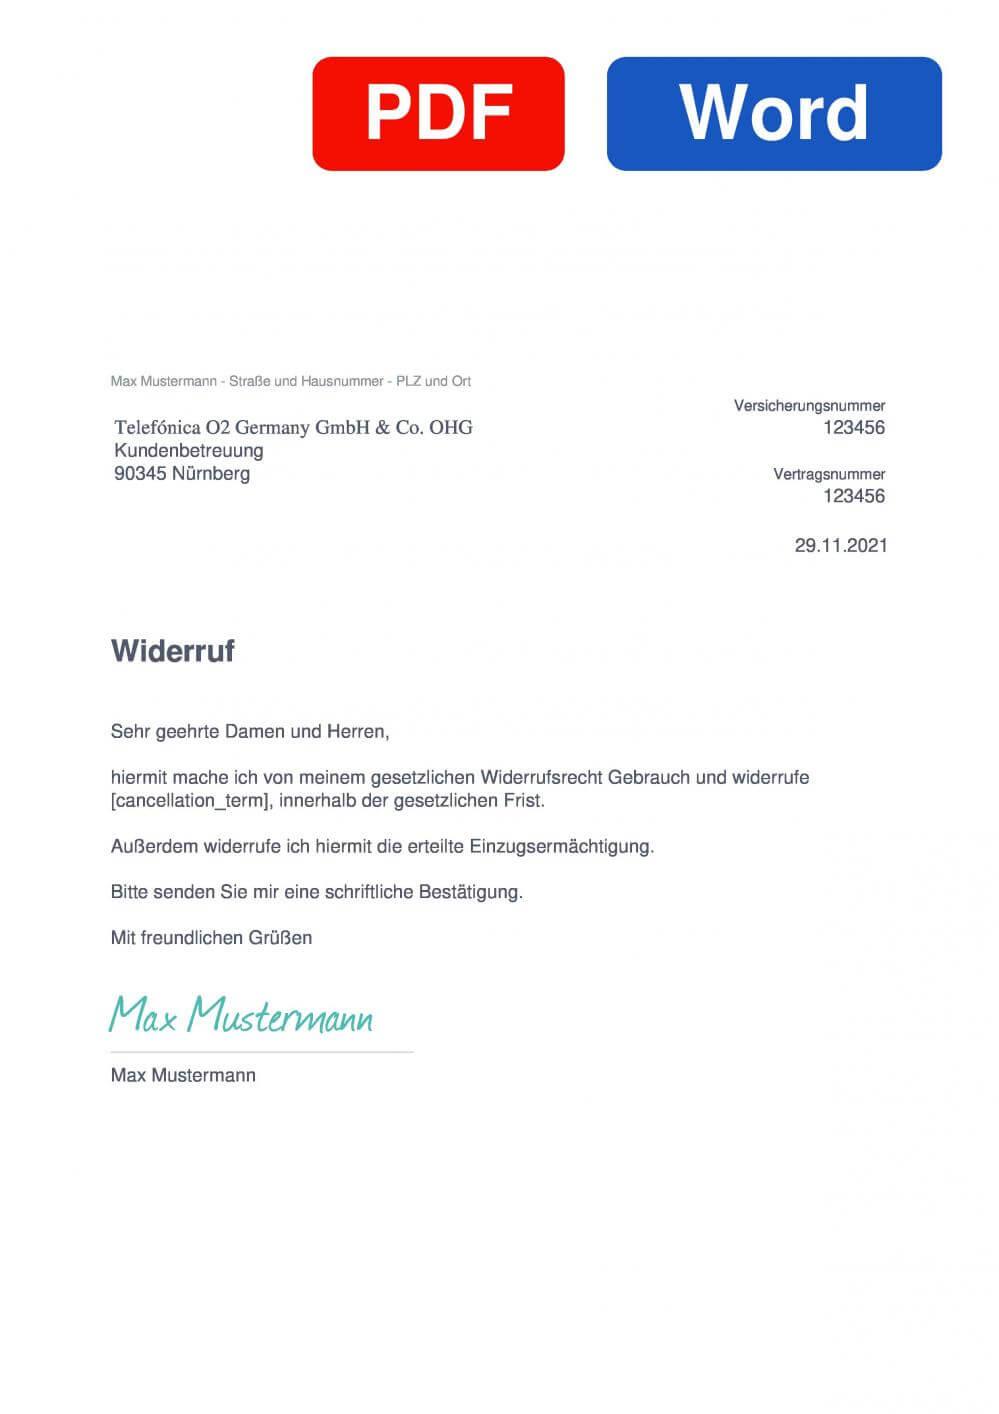 O2 Handyversicherung Muster Vorlage für Wiederrufsschreiben